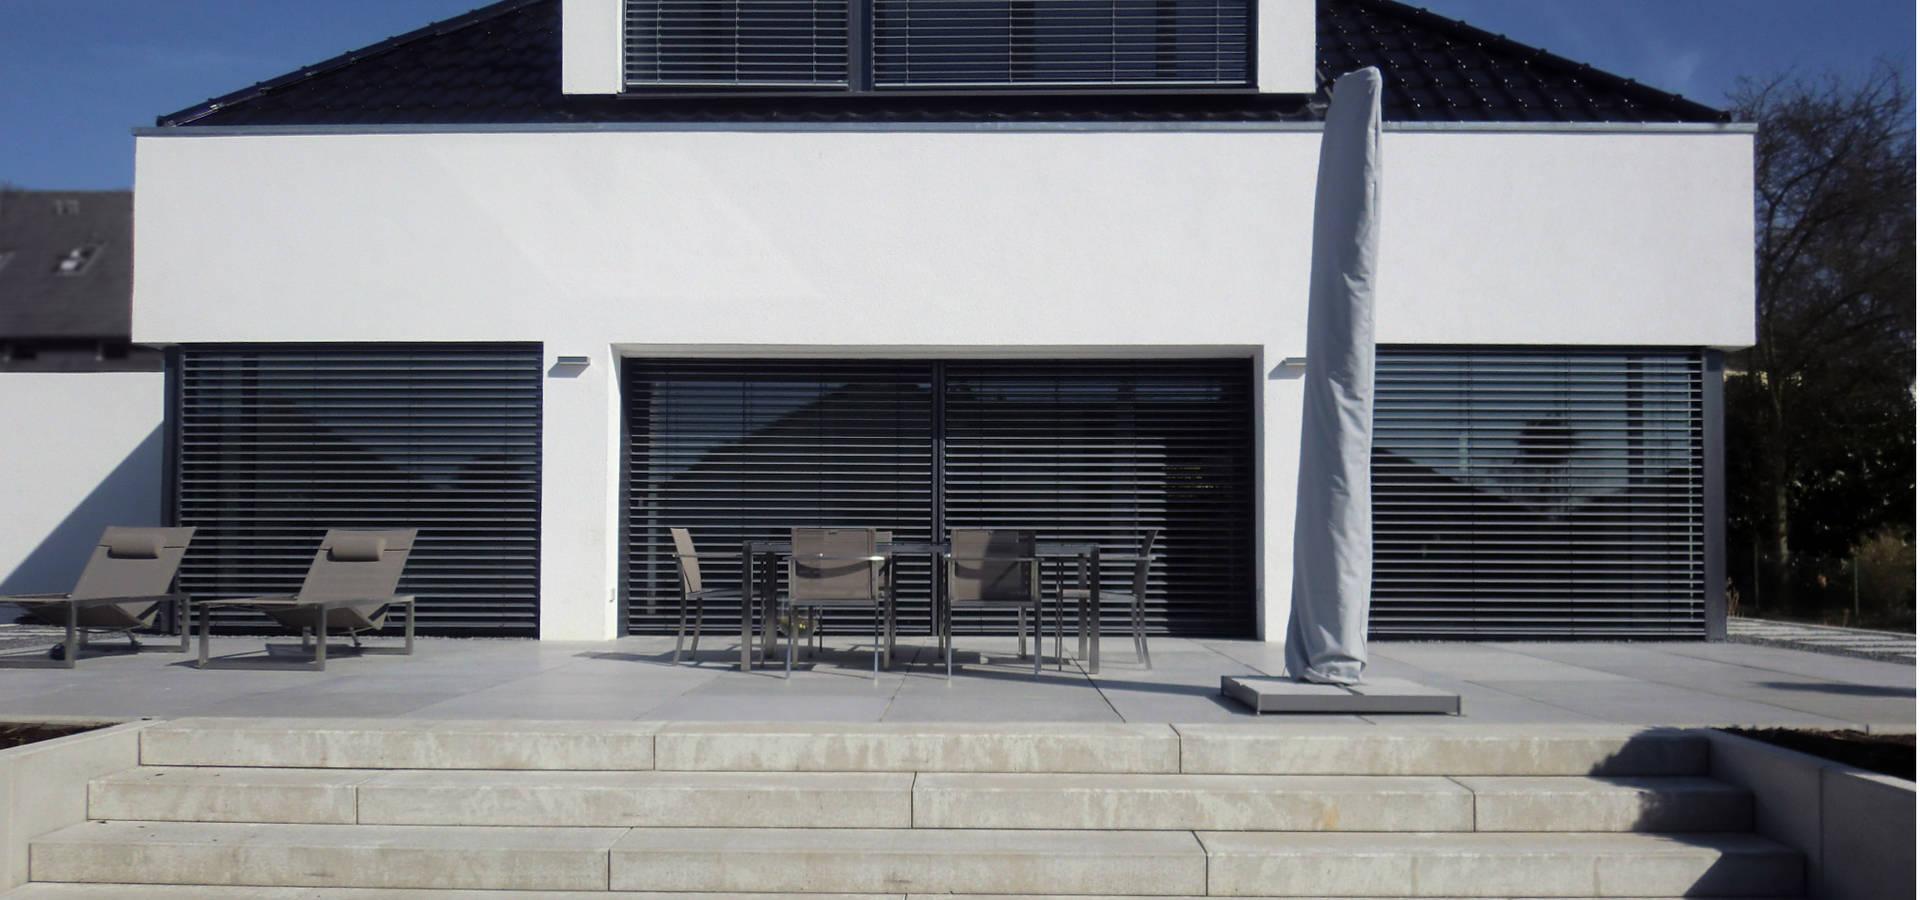 kernsanierung einer ehemaligen kirche zu einem mehrfamilienhaus in bielefeld von gronemeyer. Black Bedroom Furniture Sets. Home Design Ideas